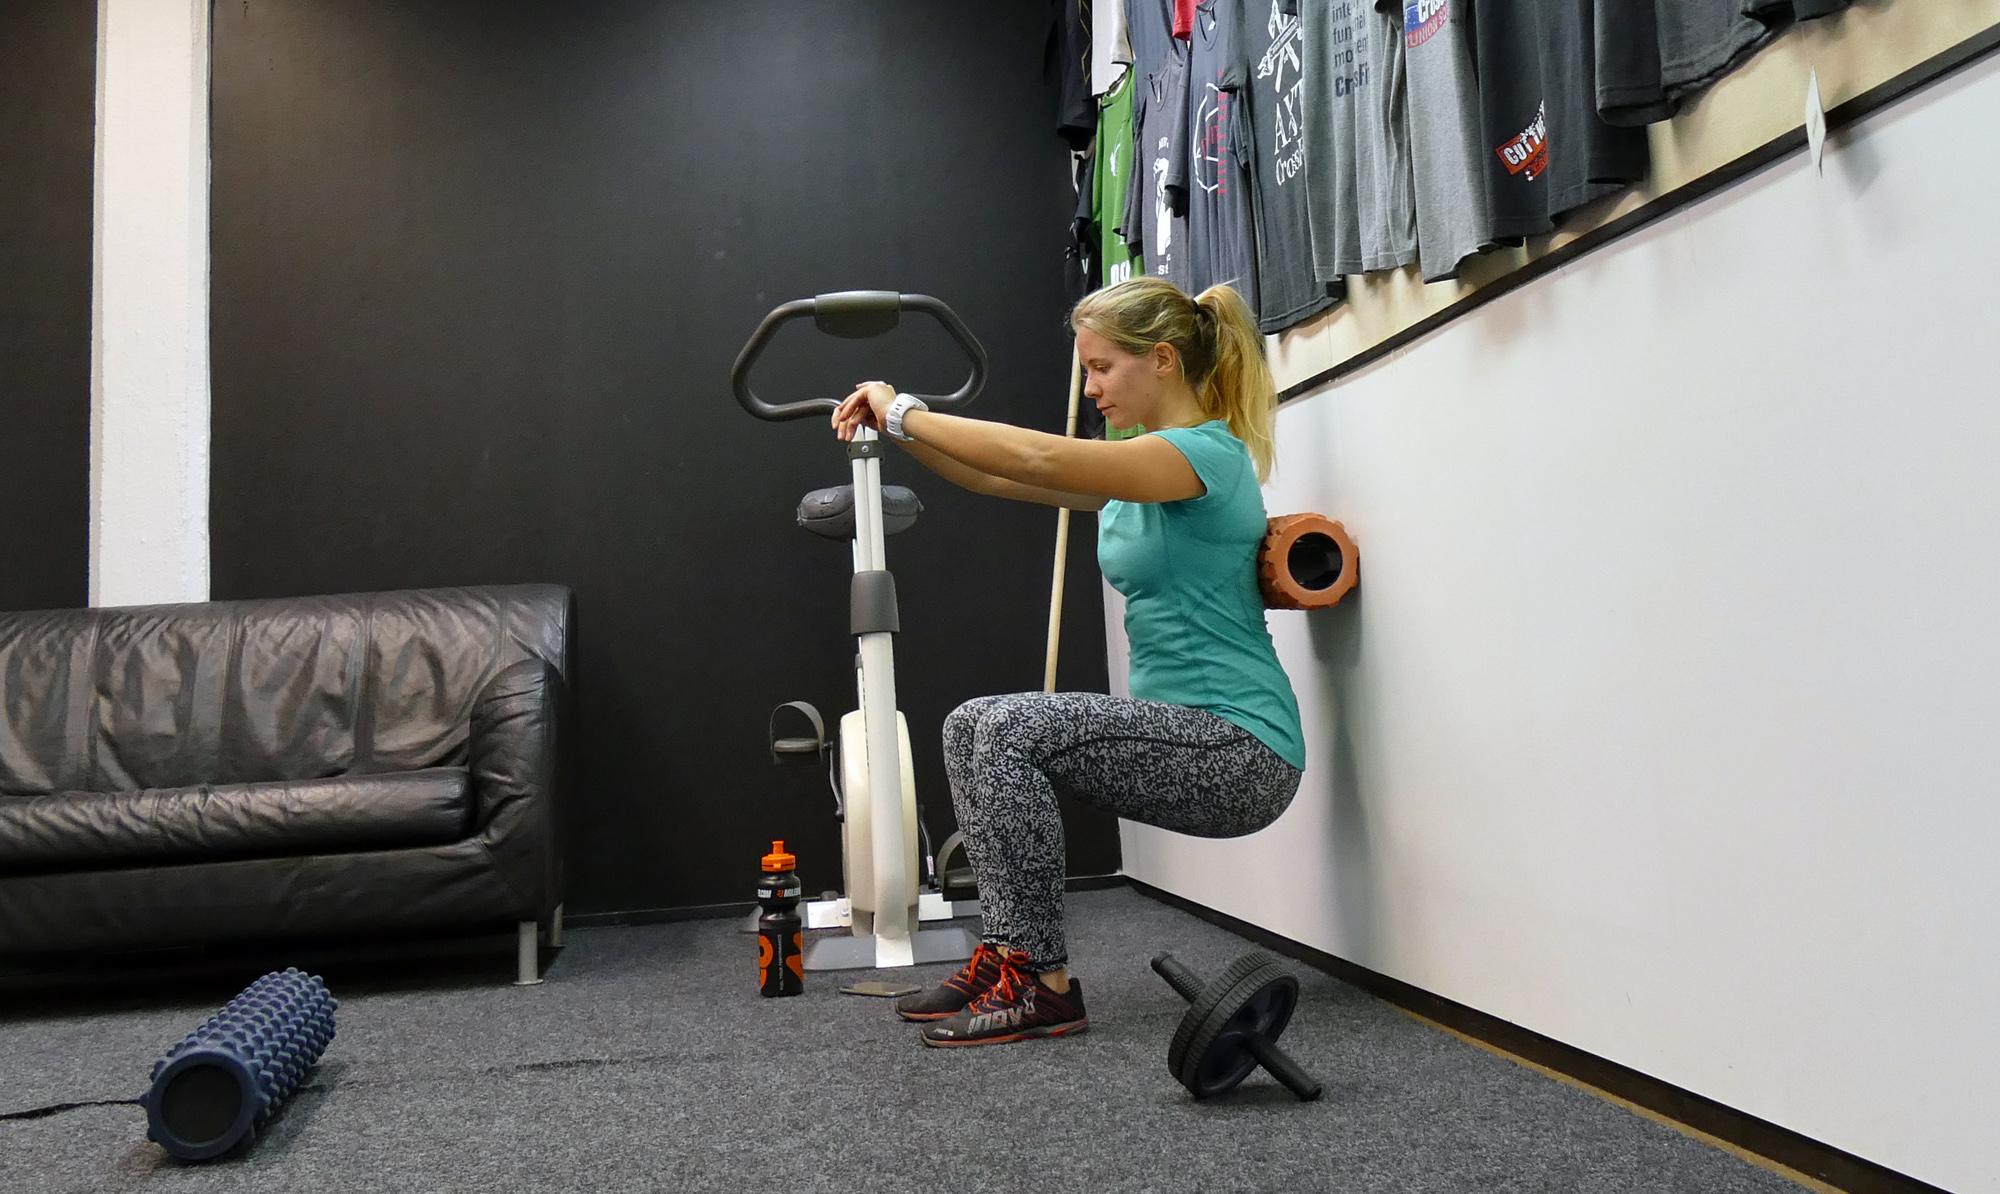 knaboj-med-pilatesboll-gravid-ont-i-hoft-rygg-knan